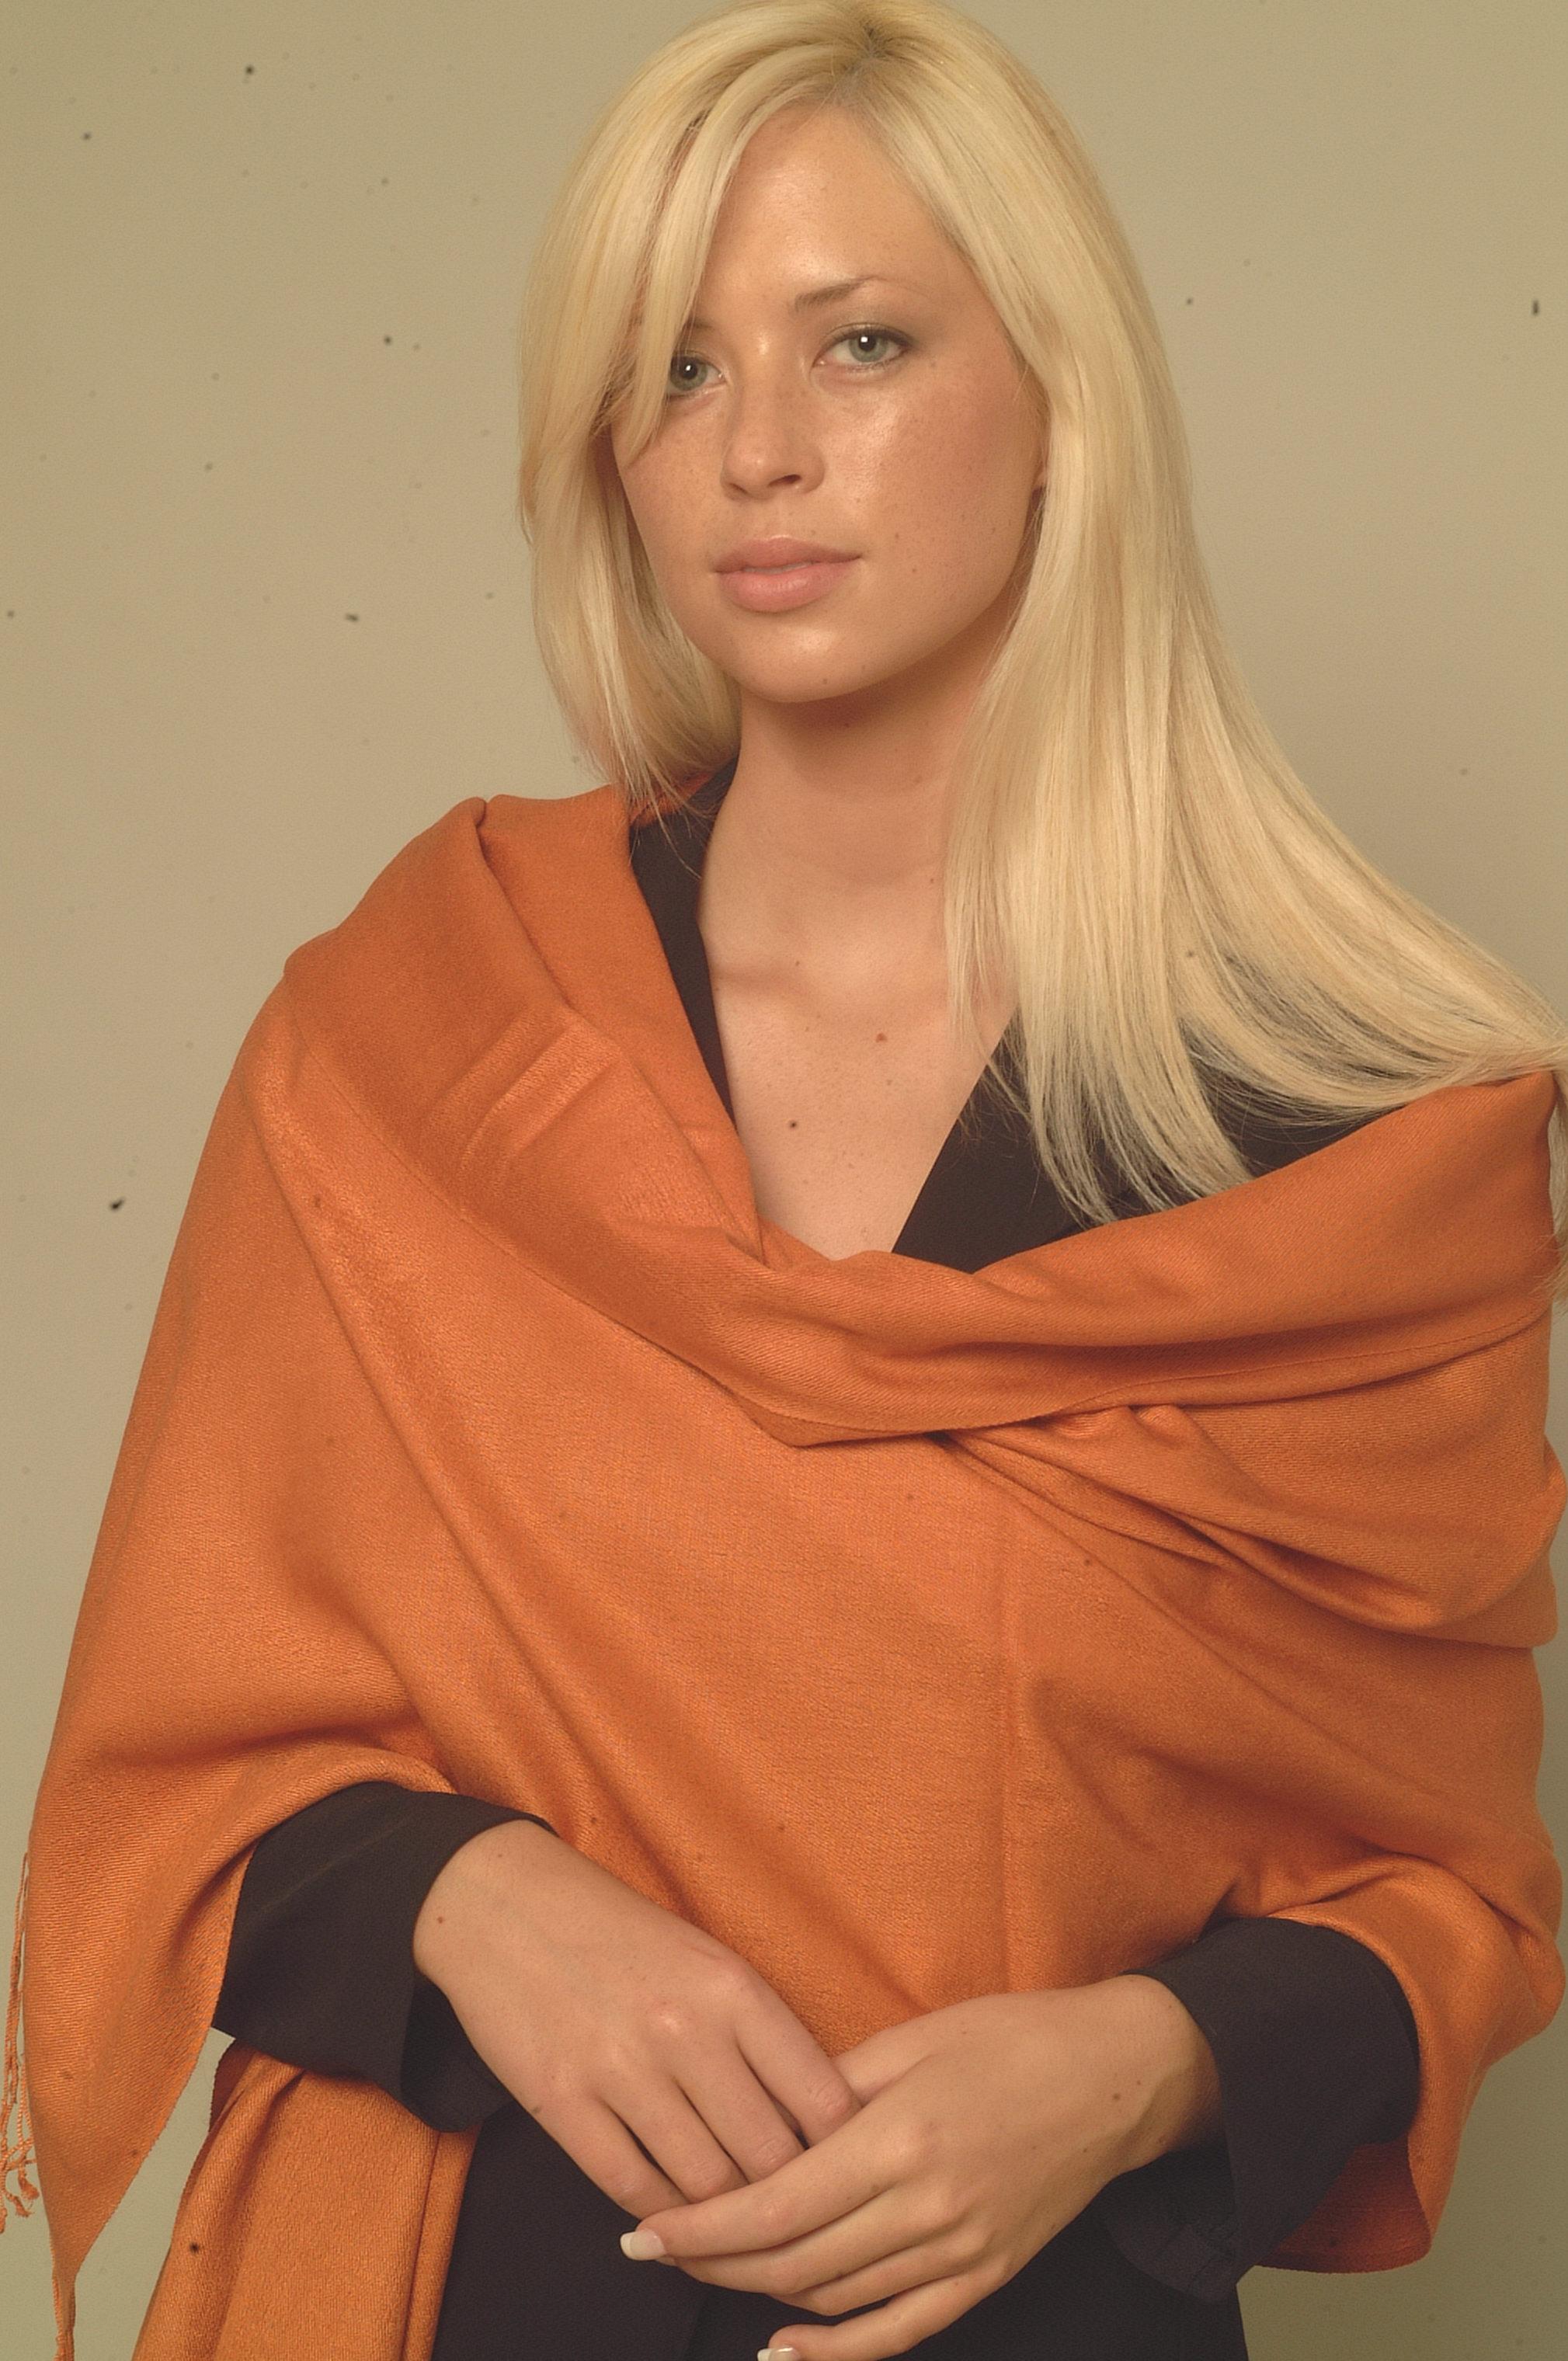 cashmere,cashmeres,pashmina,pashminas,pashima, shawl,shawls,scarf,scarves,scarfs,stole,stoles capes,shrug,shrugs,Ruana,Ruanas,silk scarf,embroidery shawl,embroidery scarf,embroidery scarves, burberry